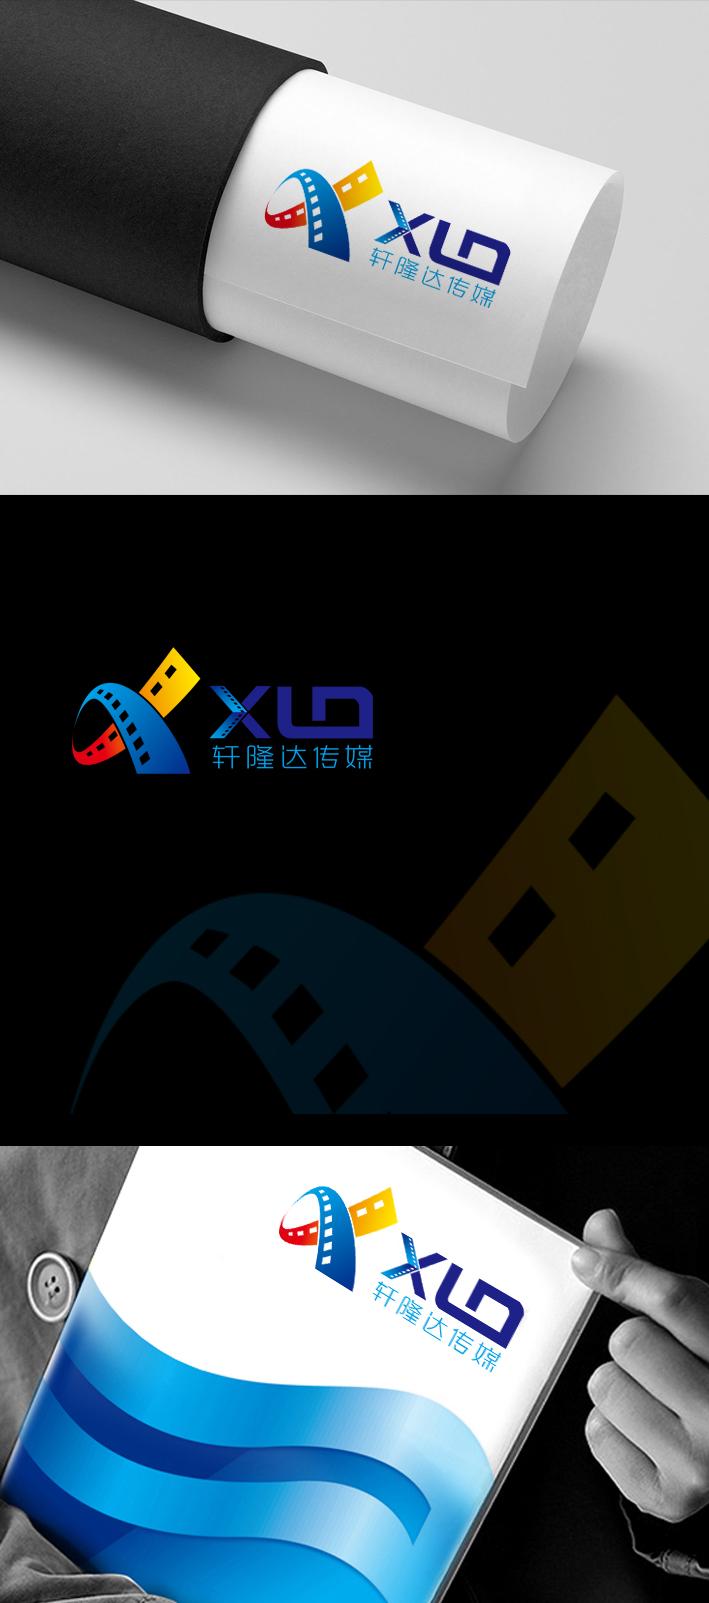 轩隆达传媒logo设计_3032866_k68威客网